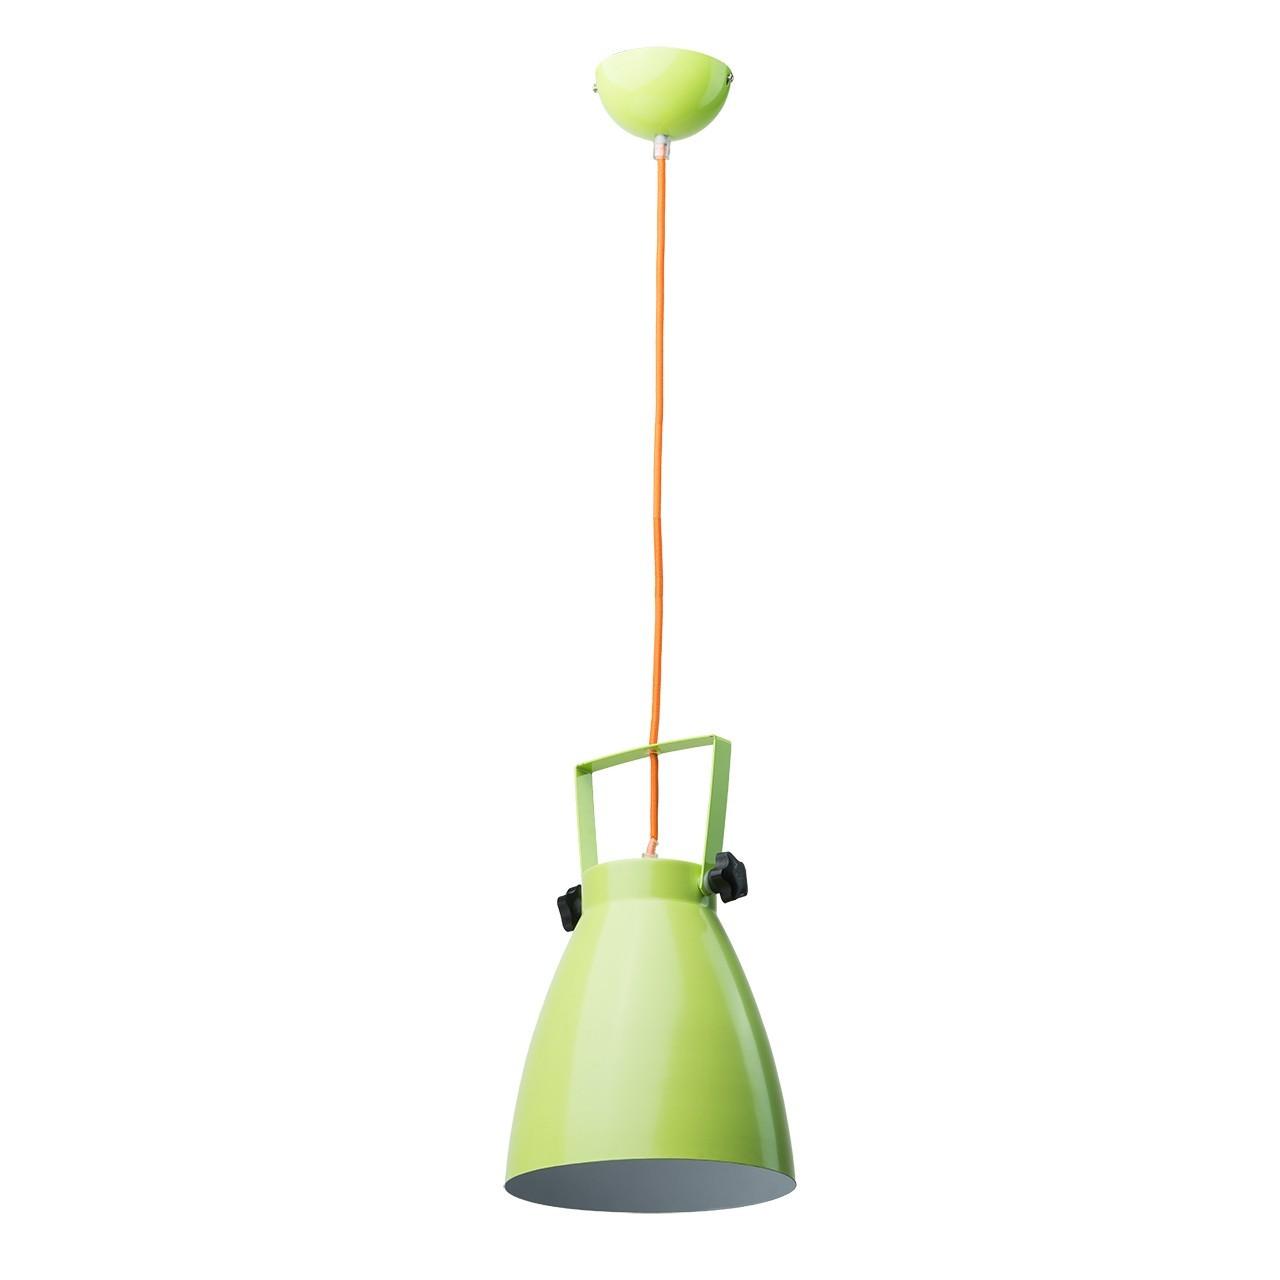 Люстра RegenbogenЛюстры<br>Назначение светильника: для комнаты,<br>Стиль светильника: арт деко,<br>Тип: потолочная,<br>Материал светильника: металл,<br>Материал плафона: металл,<br>Материал арматуры: металл,<br>Длина (мм): 230,<br>Ширина: 130,<br>Диаметр: 210,<br>Высота: 1700,<br>Количество ламп: 1,<br>Тип лампы: накаливания,<br>Мощность: 60,<br>Патрон: Е27,<br>Цвет арматуры: зеленый,<br>Коллекция: Хоф<br>